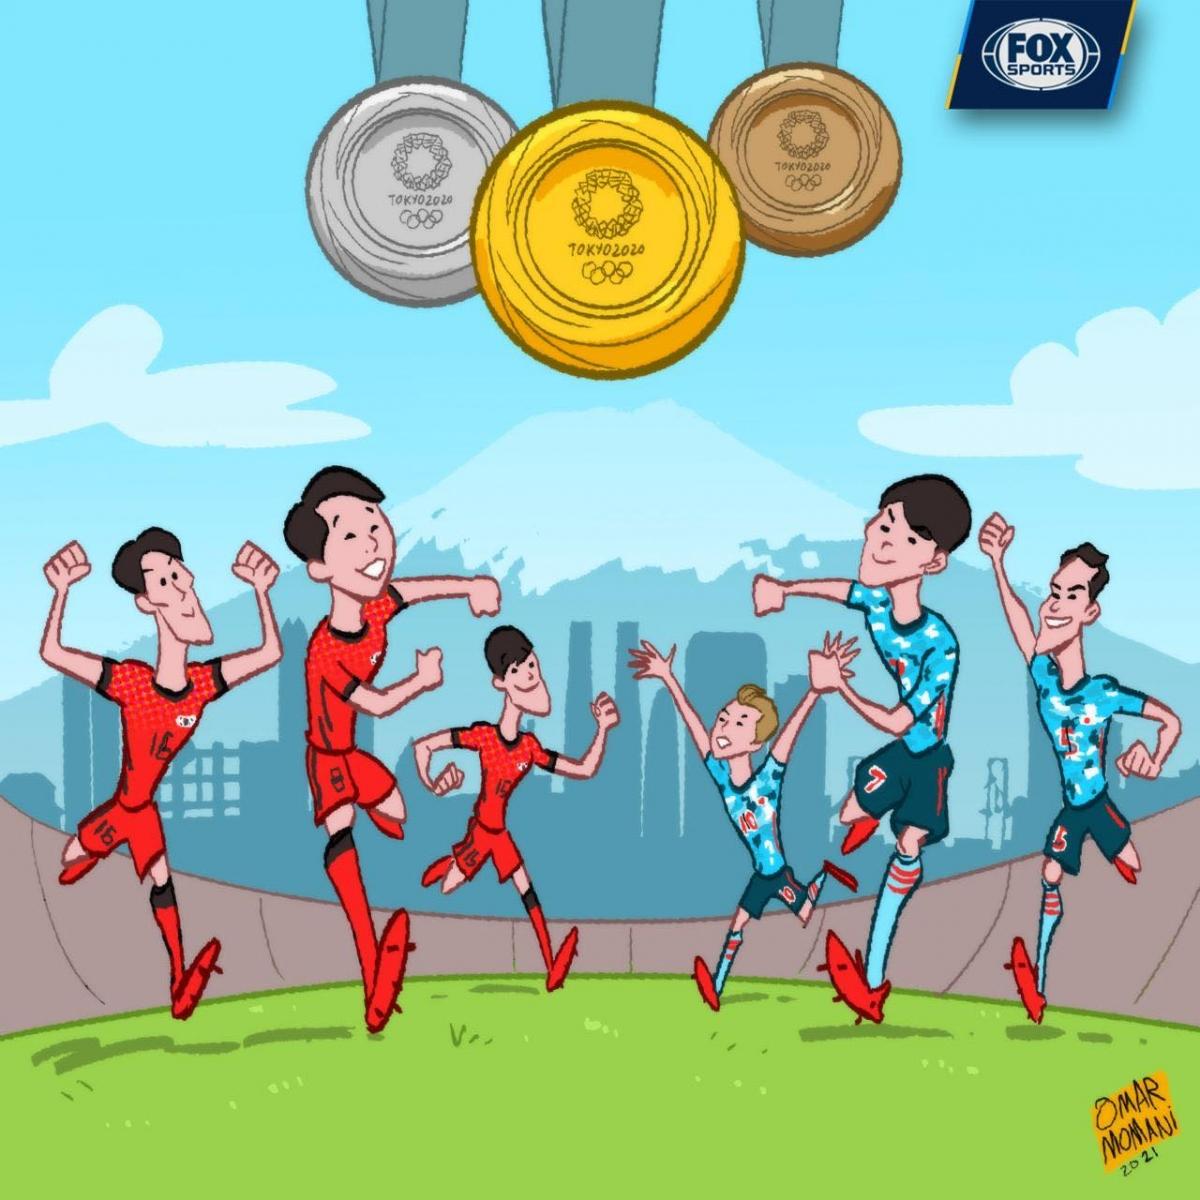 Hàn Quốc và Nhật Bản sẽ tiếp tục làm rạng danh bóng đá châu Á ở sân chơi Olympic? (Ảnh: Omar Momani)./.